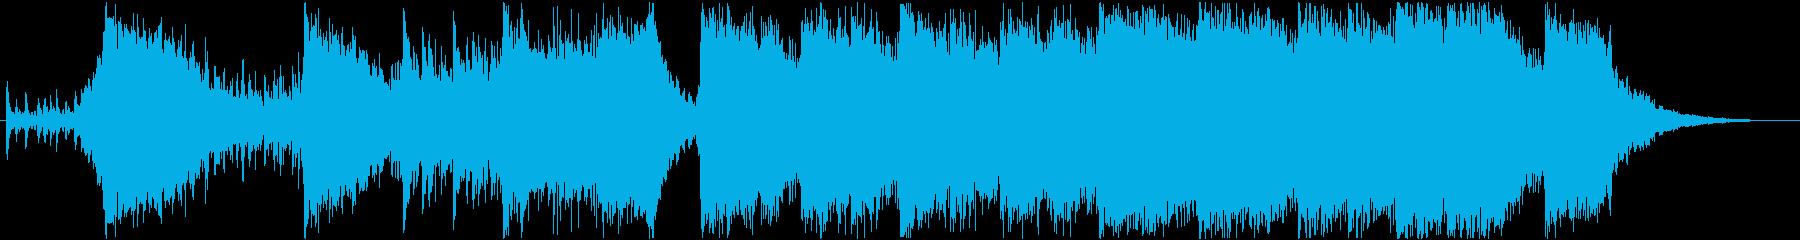 アクションハイブリッドトレイラー60秒の再生済みの波形